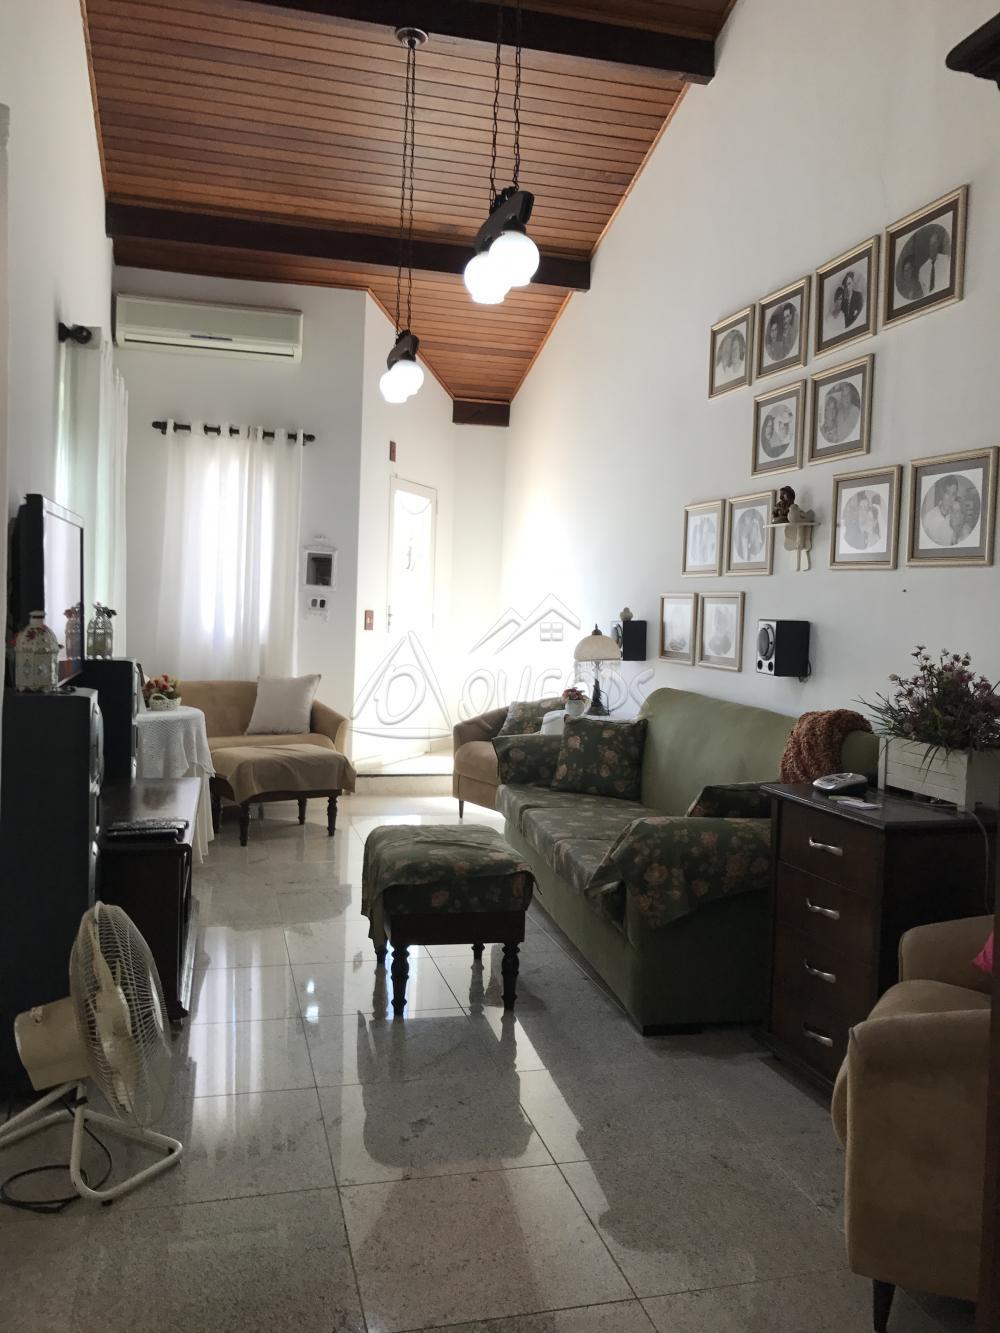 Comprar Casa / Padrão em Barretos R$ 490.000,00 - Foto 10